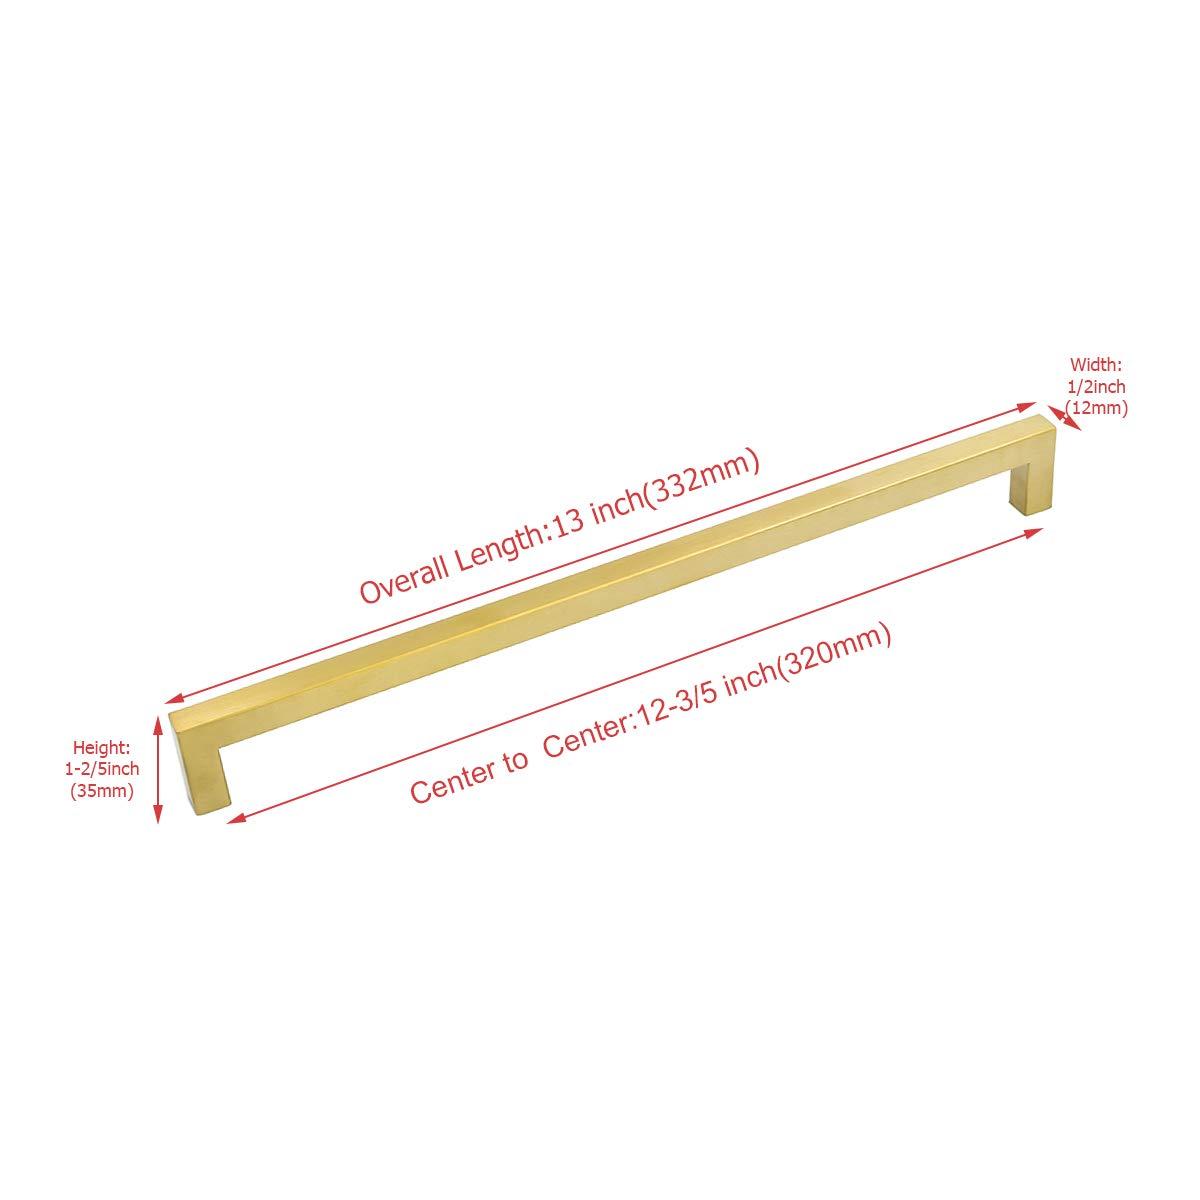 20 St/ück Goldenwarm Goldene Griff Feststehend Dusche M/öbelgriffe Lochabstand 160mm LSJ12GD160 Antike Schrankgriffe Stangengriff K/üchengriff